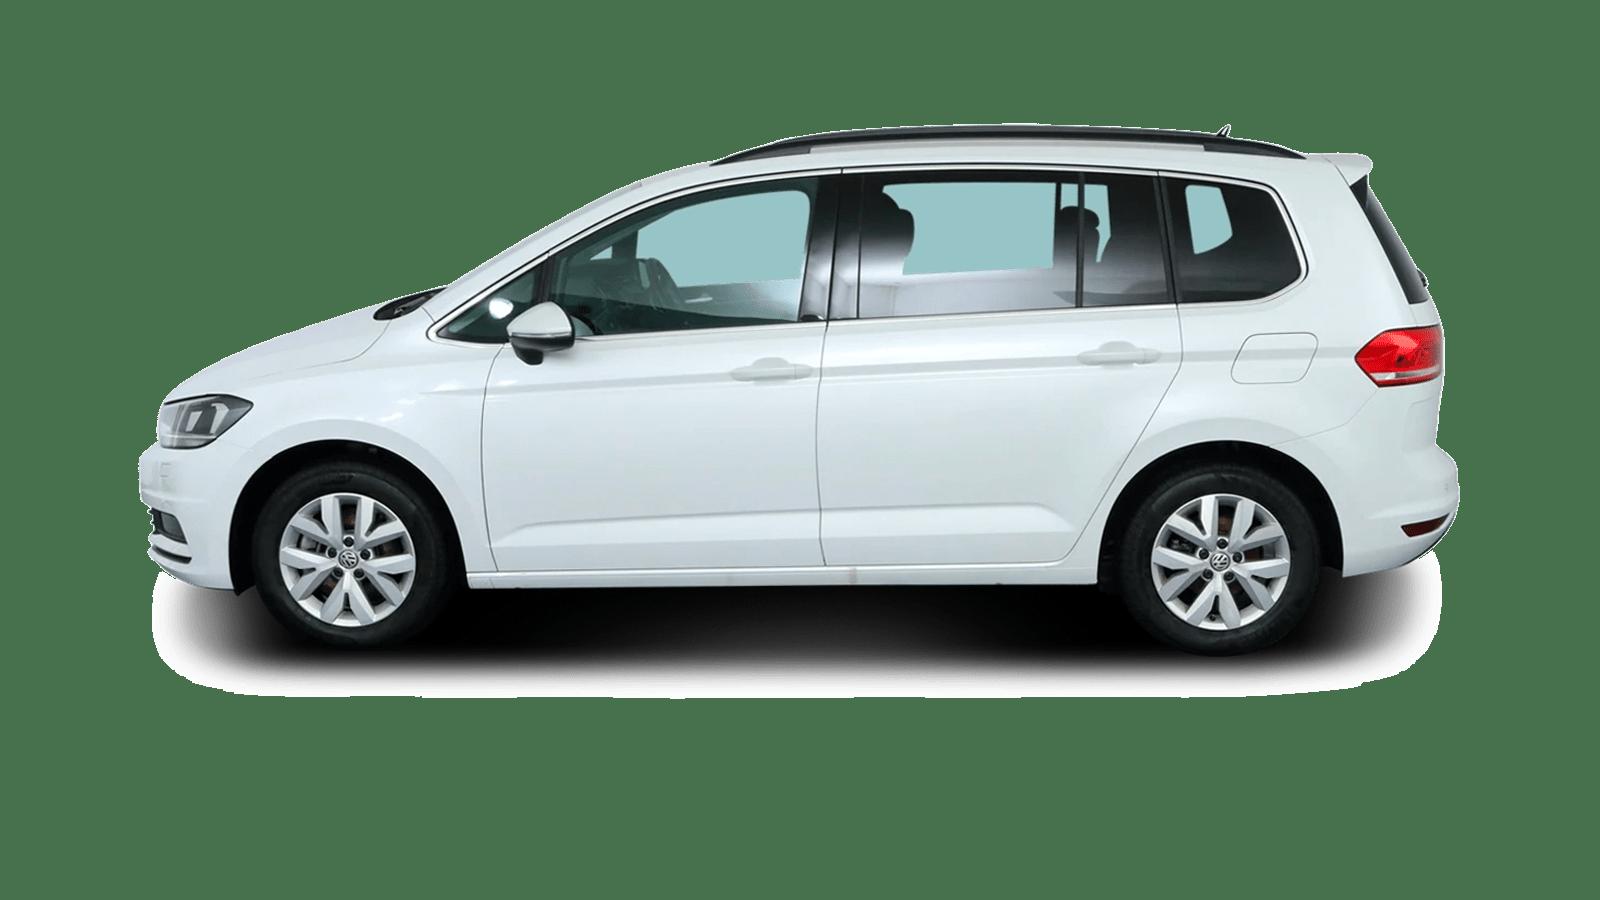 VW Touran Weiss rückansicht - Clyde Auto-Abo